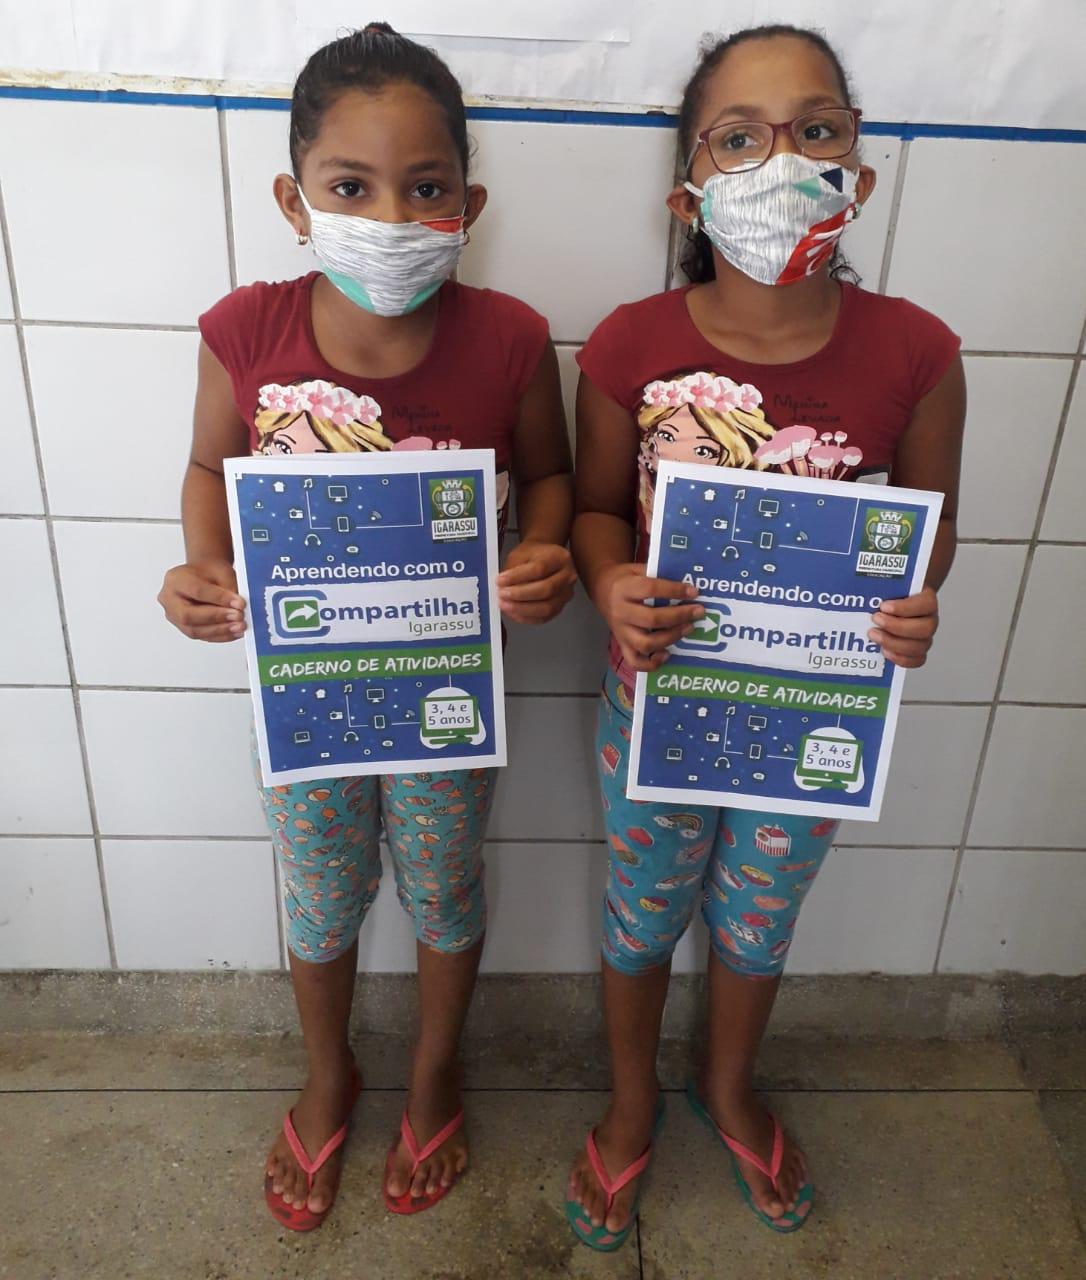 Caderno de atividades chega na casa dos mais de 13 mil alunos da rede municipal de ensino de Igarassu